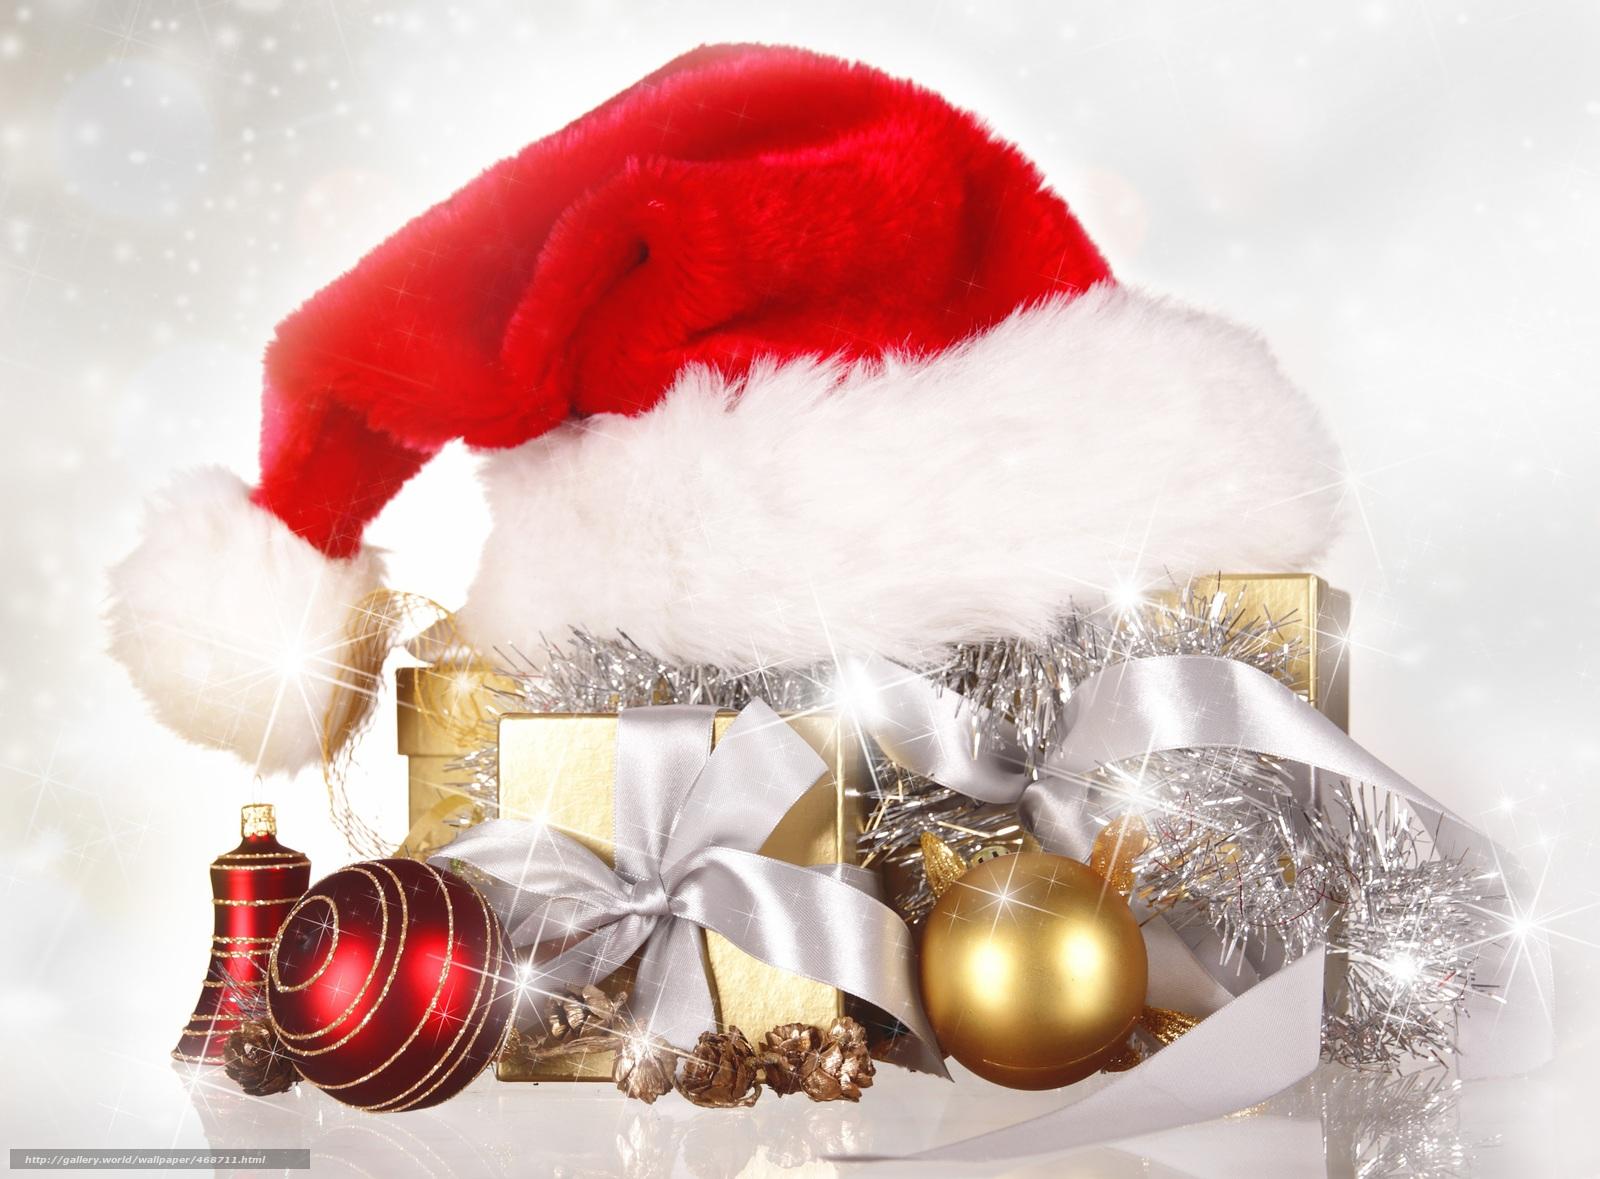 Обои подарок, Коробка, рождество, ёлочные украшения, золотые, шарики. Новый год foto 17